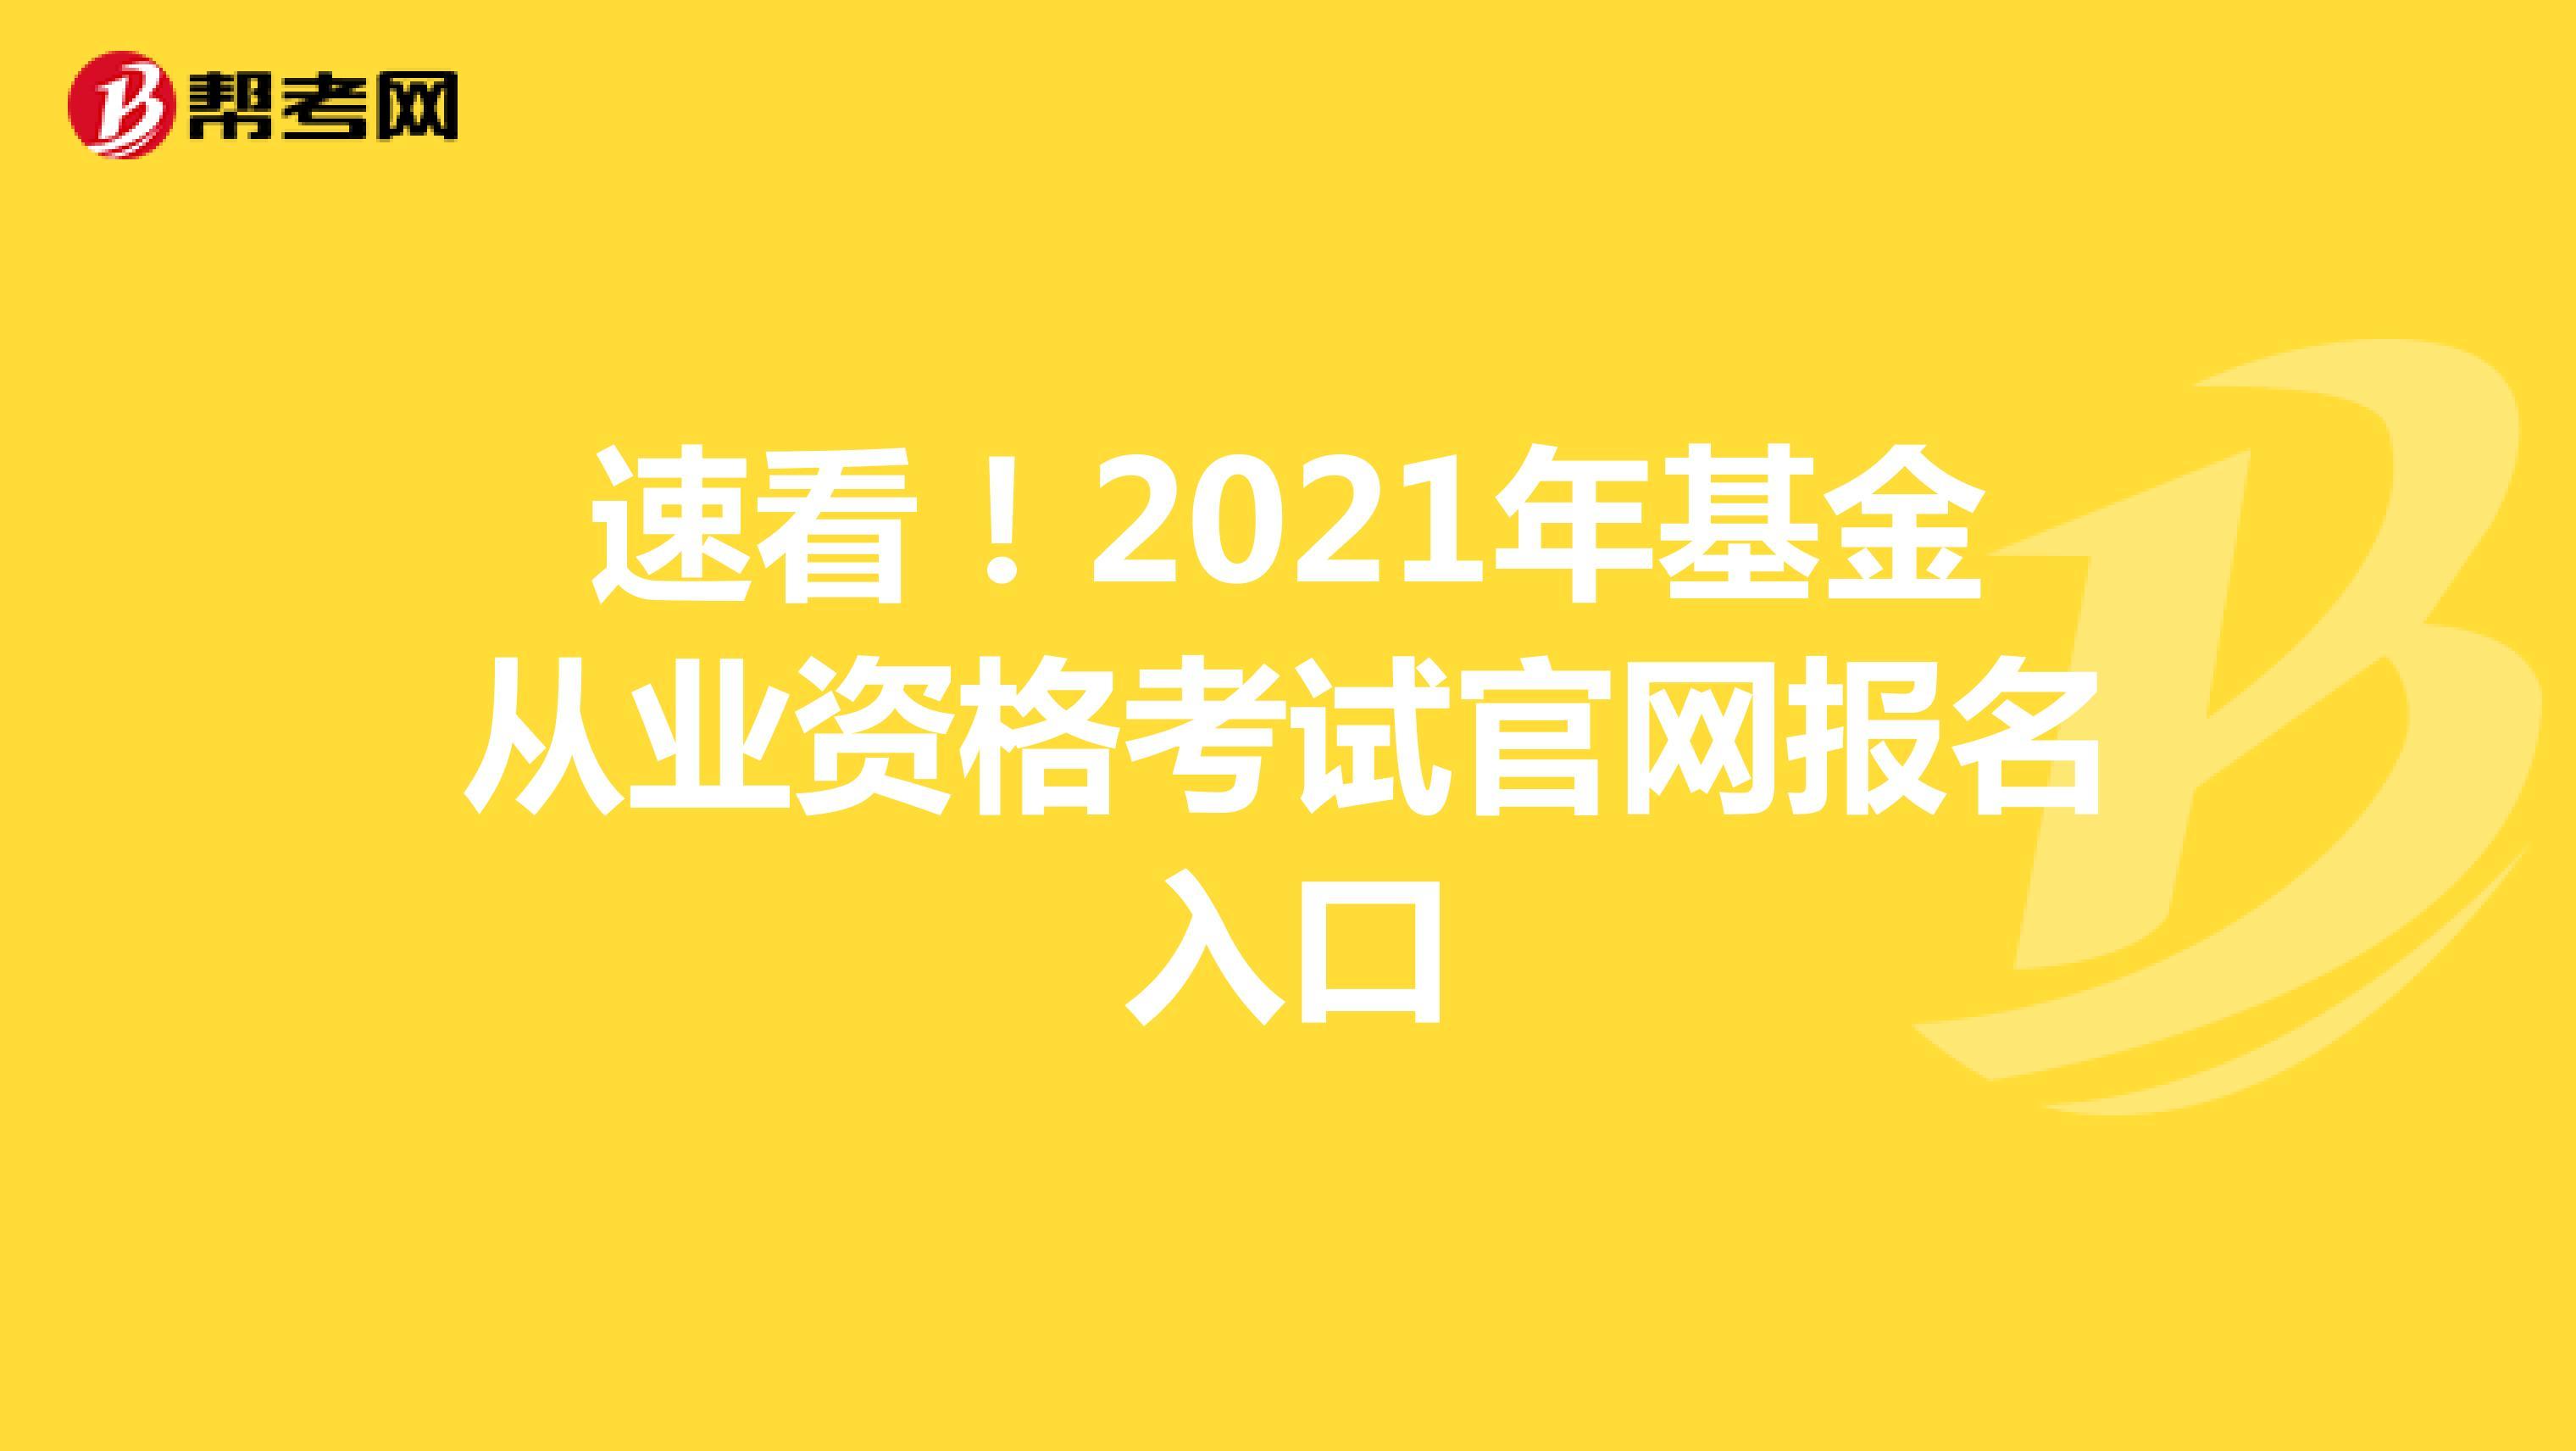 速看!2021年基金从业资格考试官网报名入口